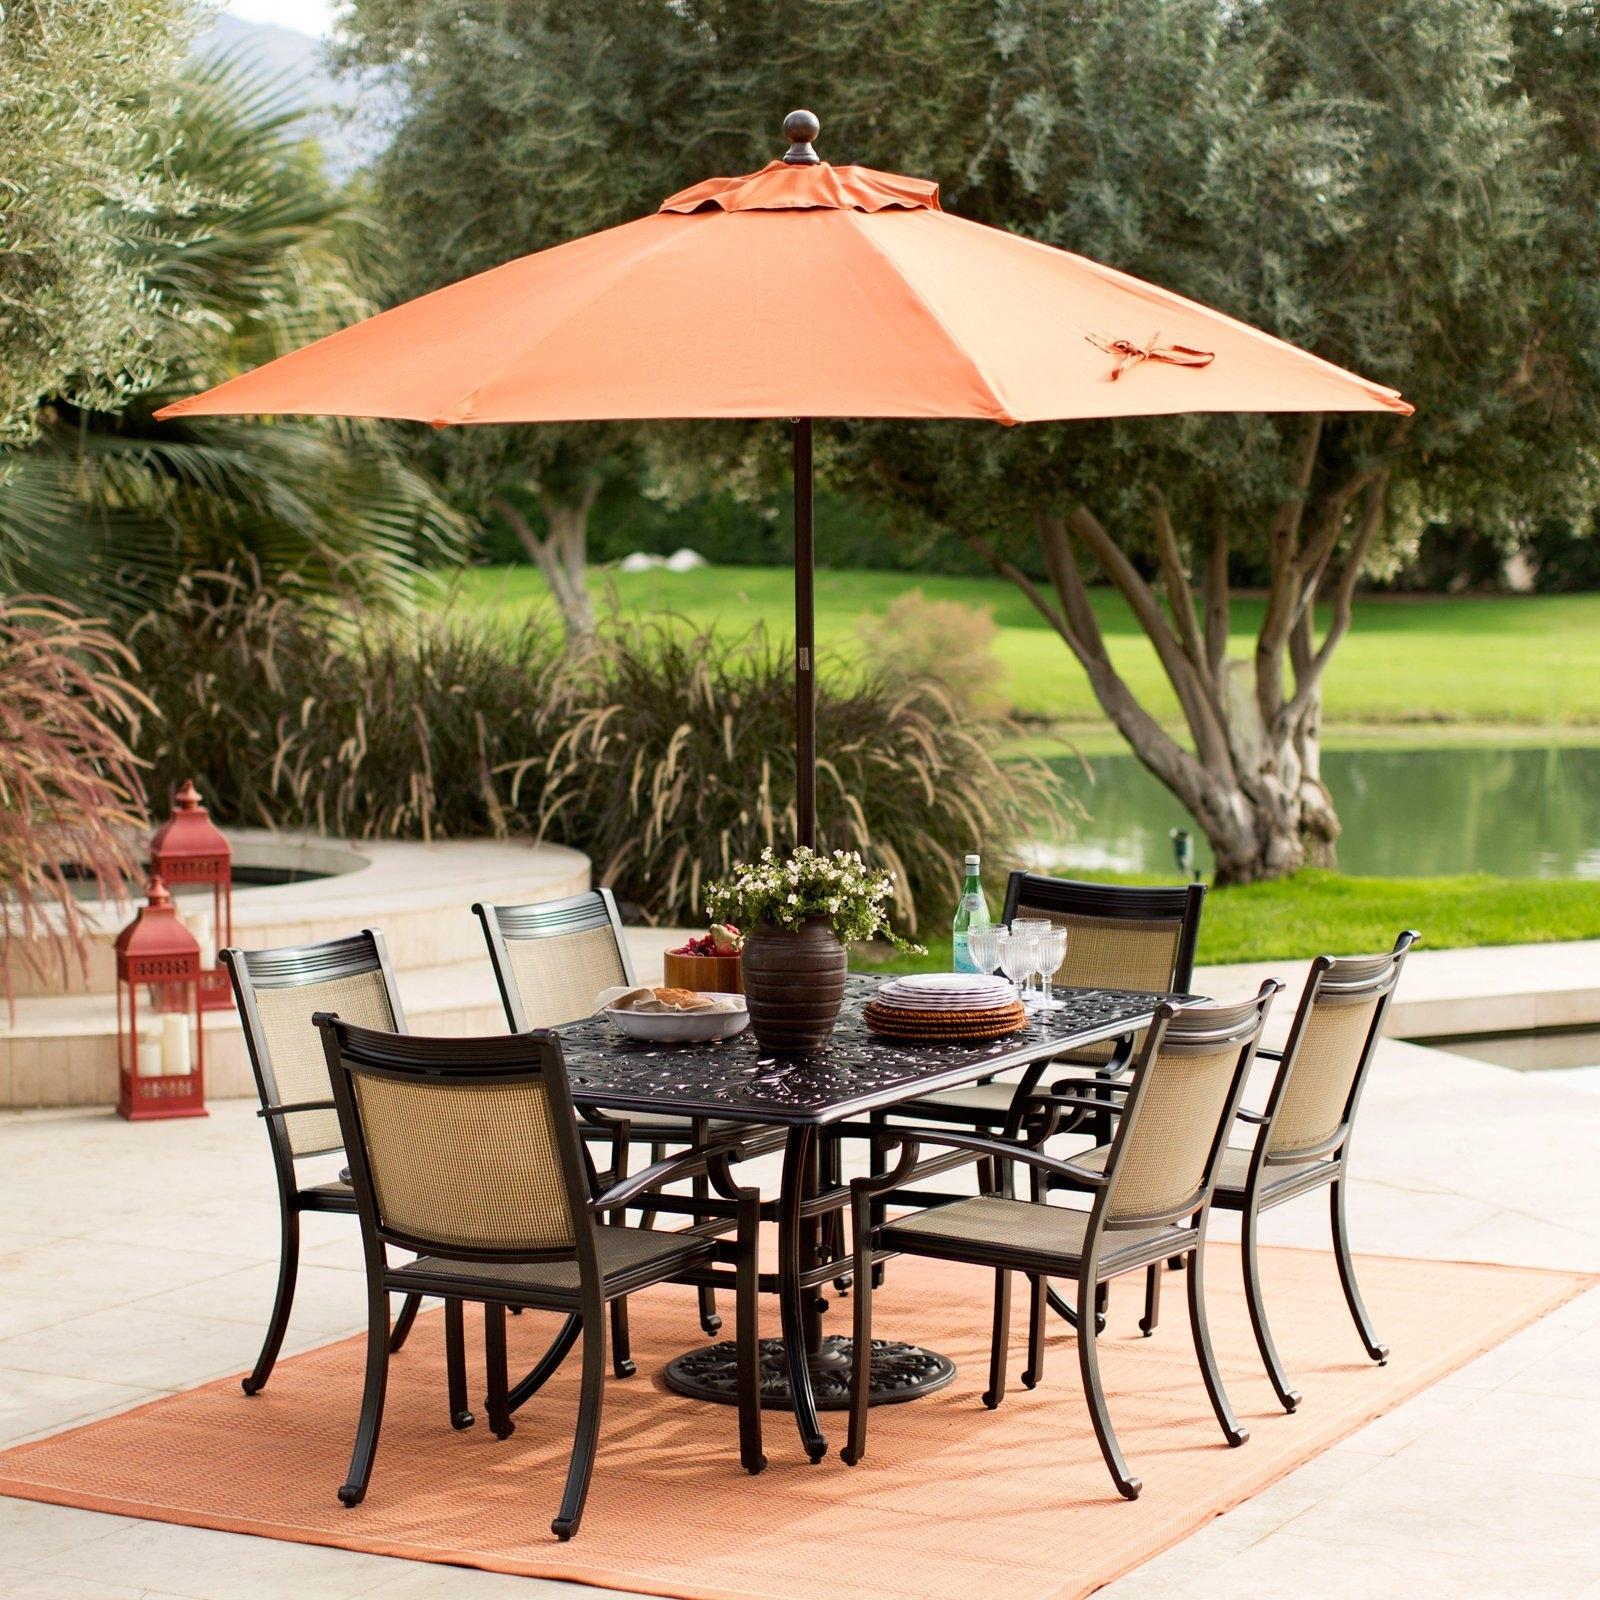 Sunbrella Outdoor Patio Umbrellas With Regard To Popular Coral Coast 9 Ft (View 4 of 20)